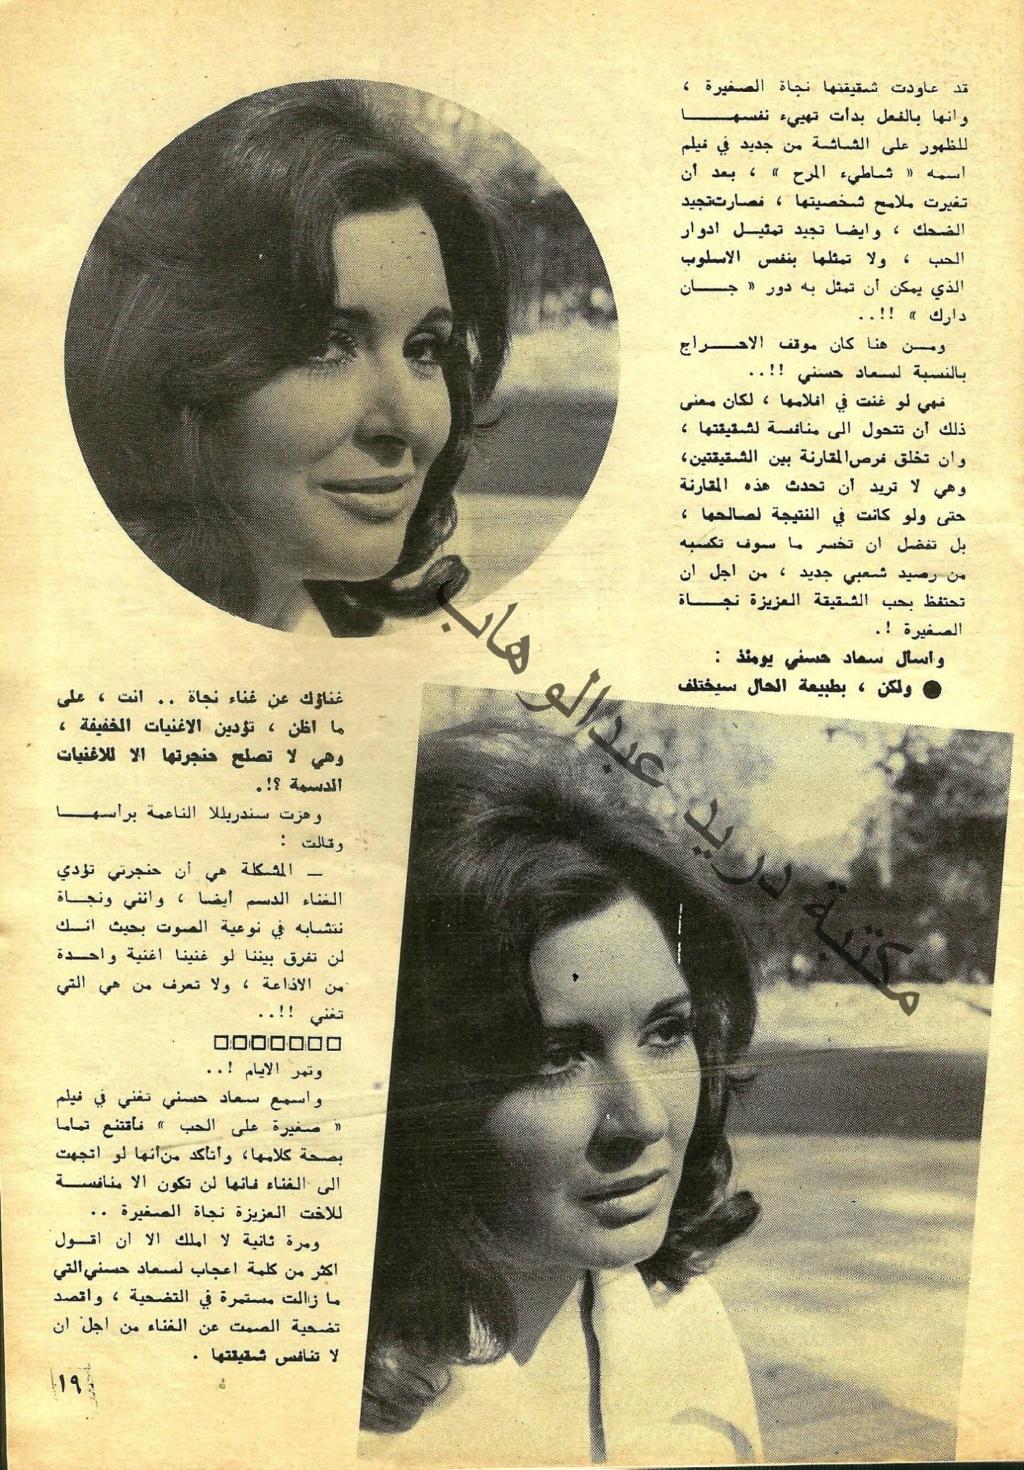 مقال - مقال صحفي : من أجل نجاة تسكت سعاد حسني 1971 م 496